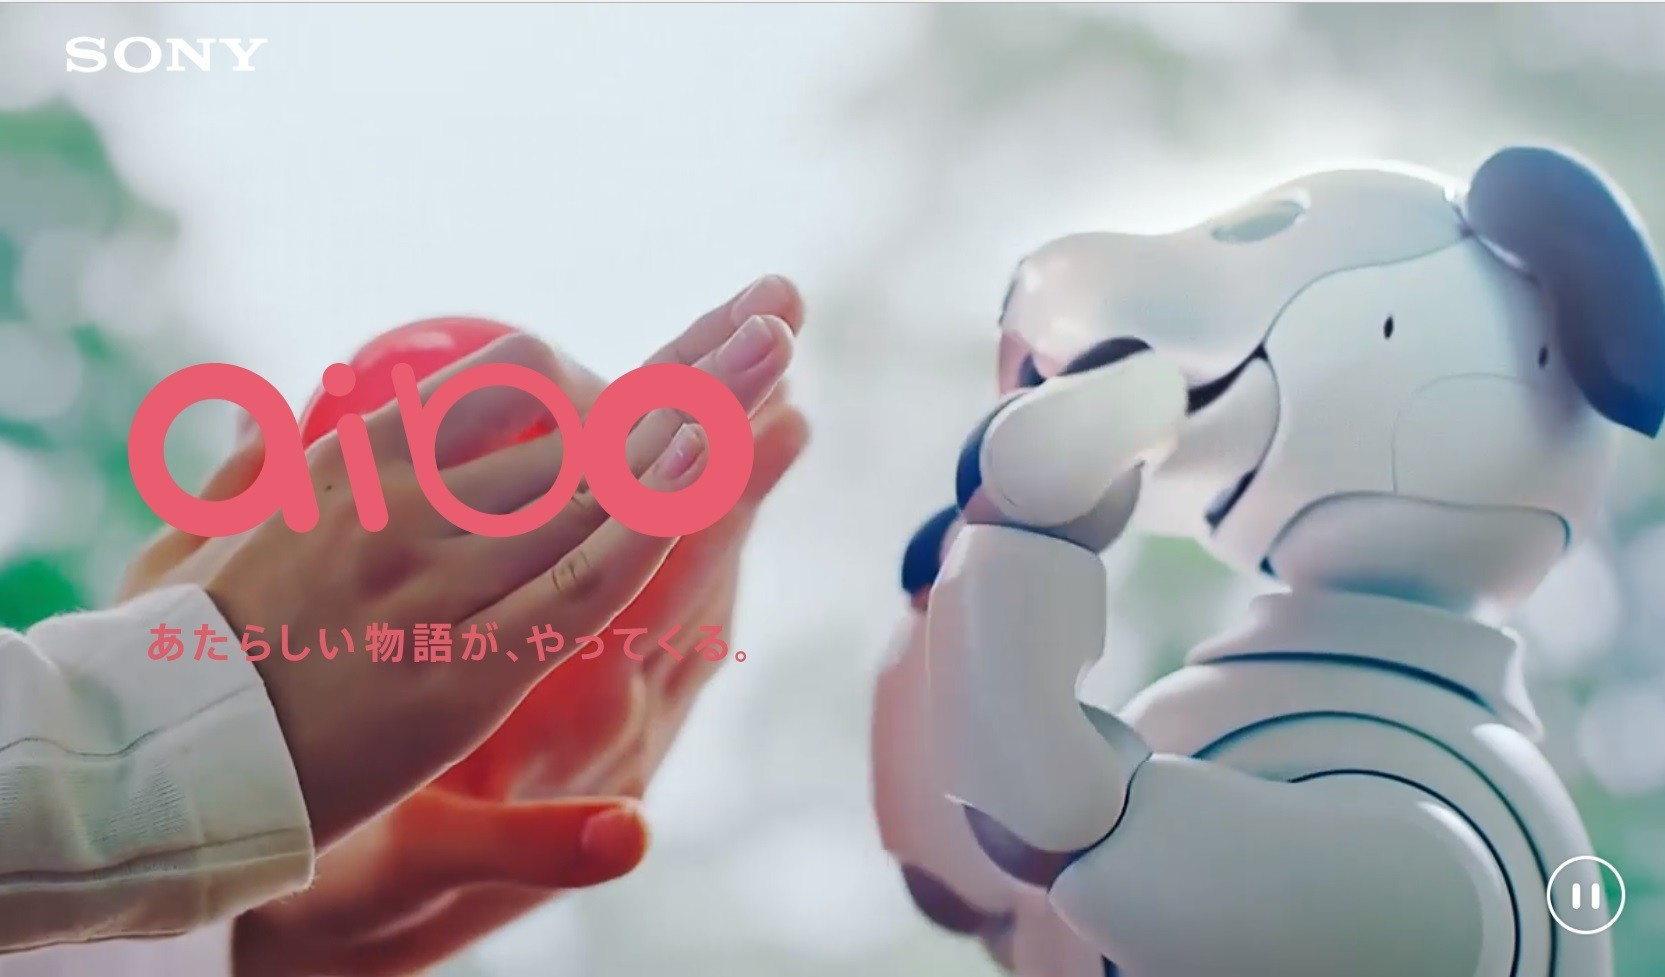 """是""""相棒""""復活, Sony 宣布更聰明、會成長的新一代 Aibo 將在 2018 年初上市這篇文章的第1圖"""